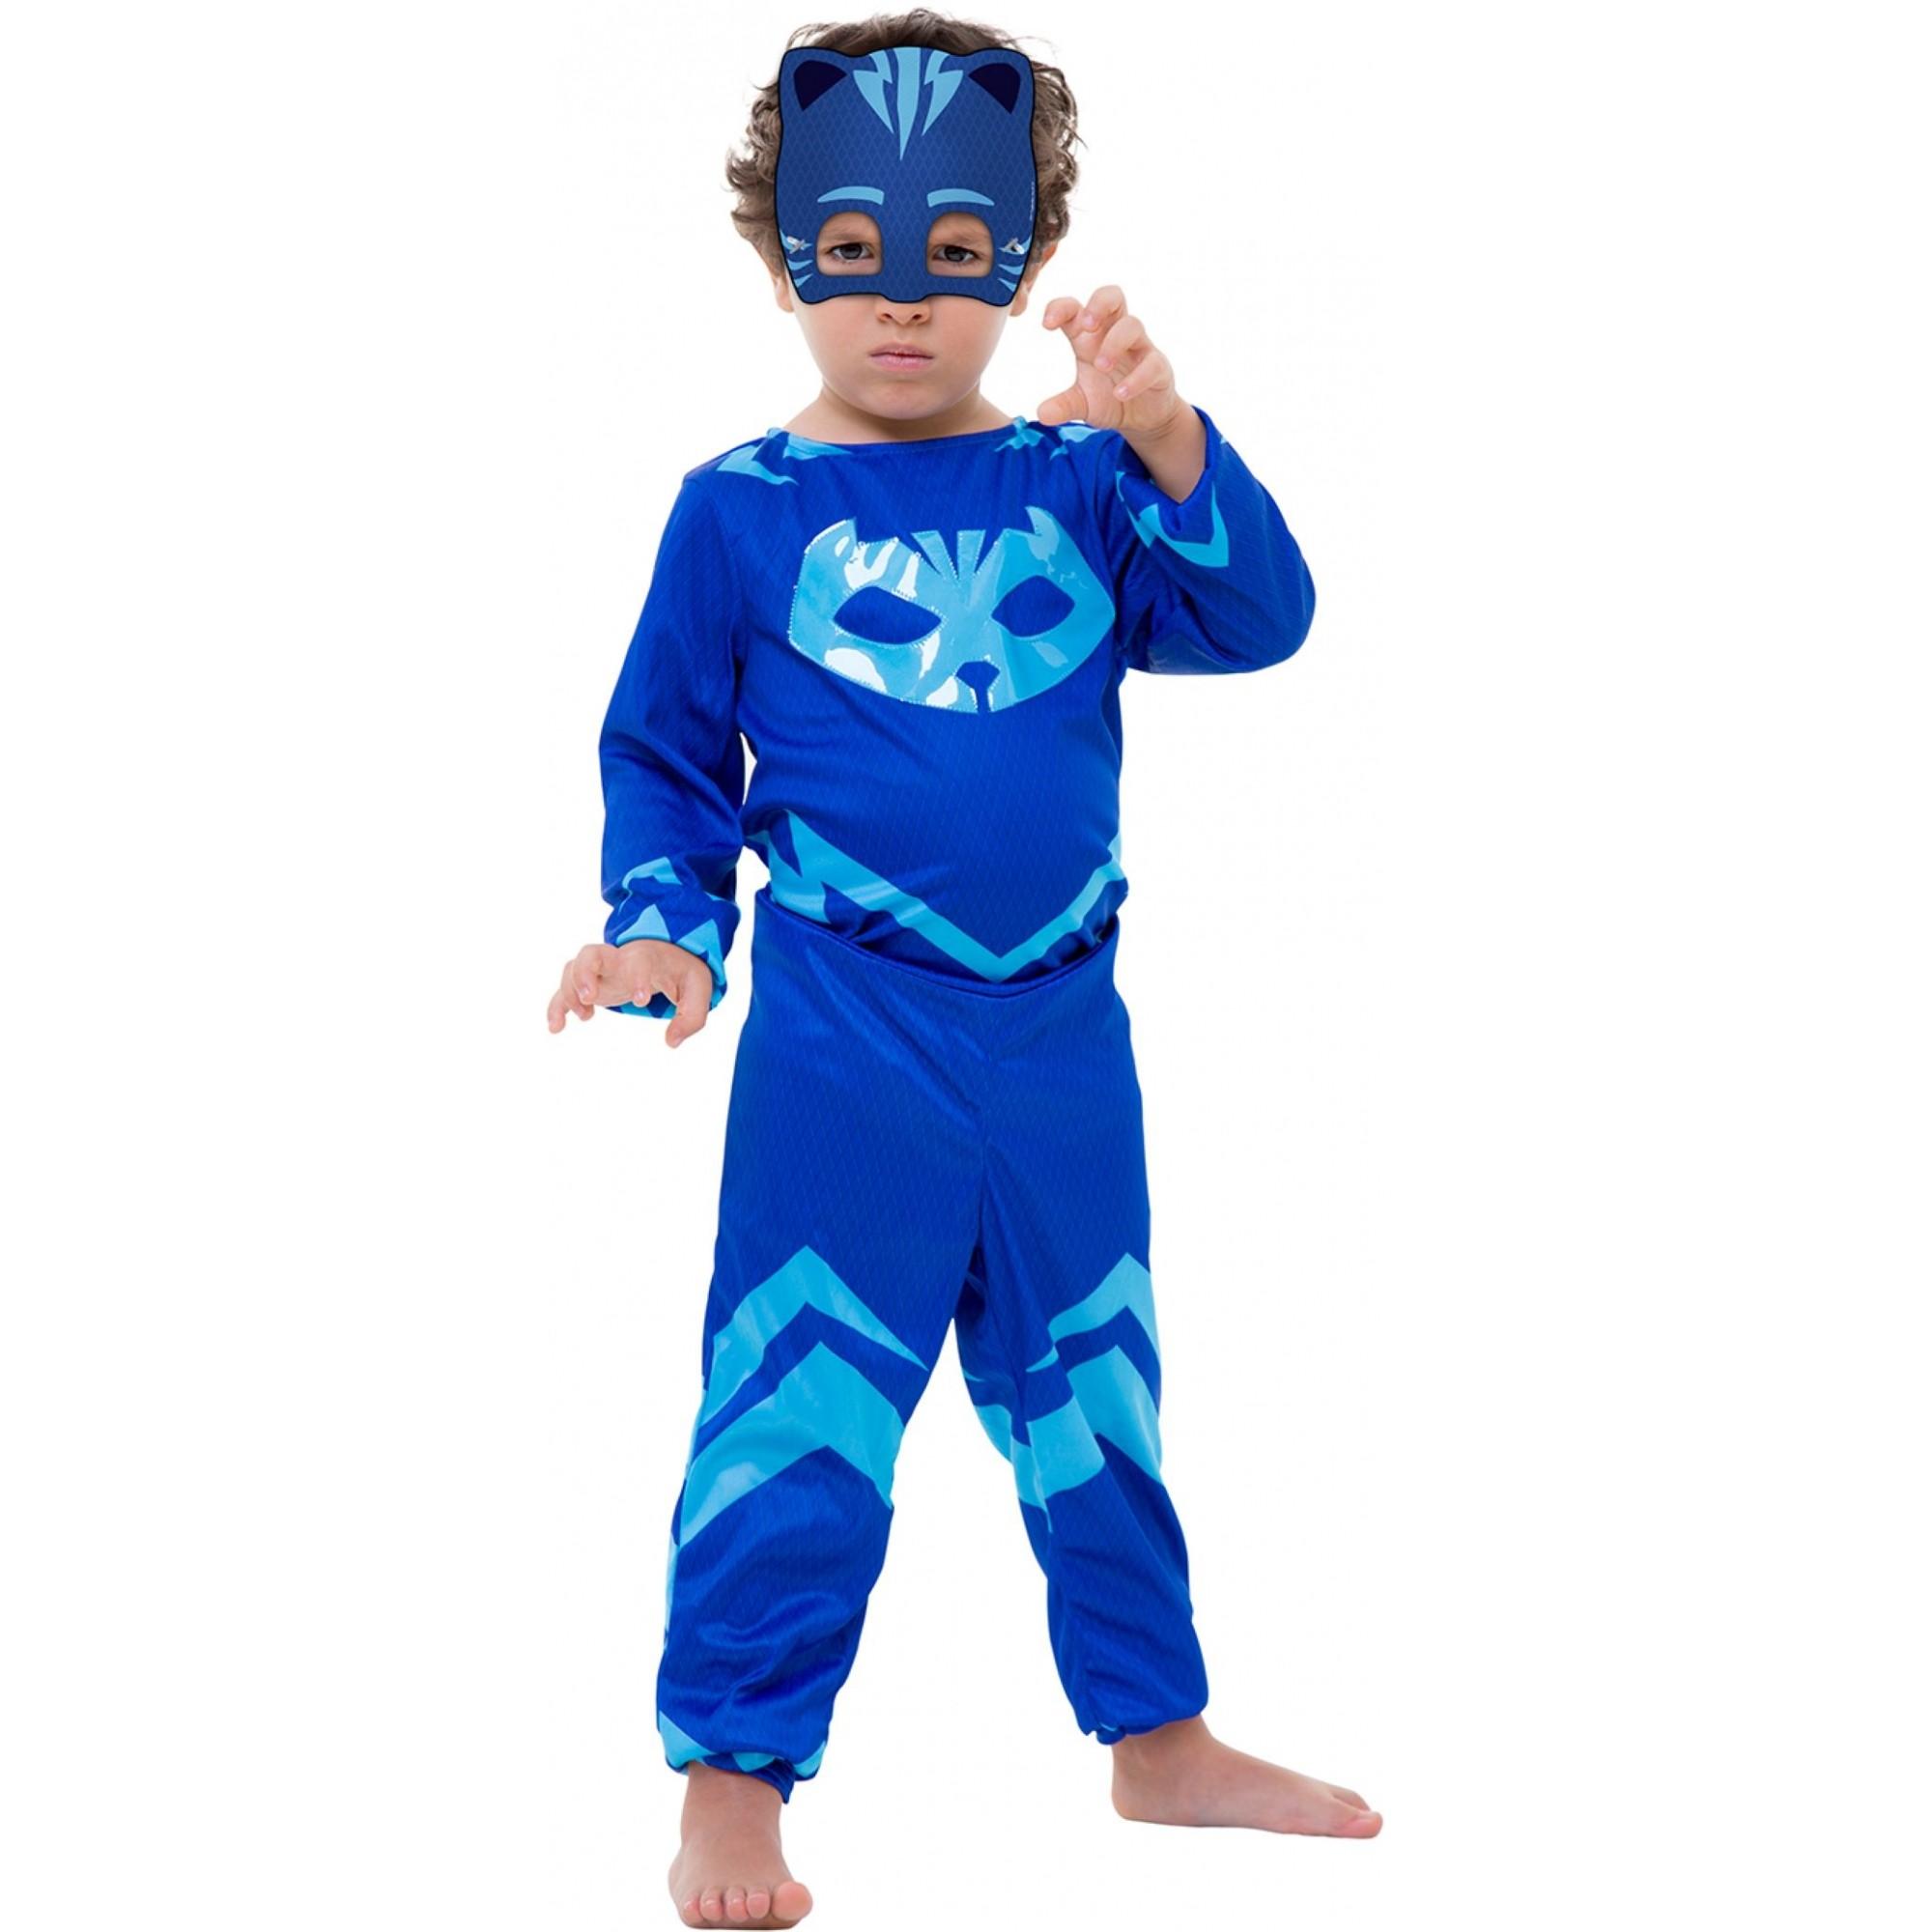 Fantasia Menino Gato Pj Masks Infantil Com Máscara Disney